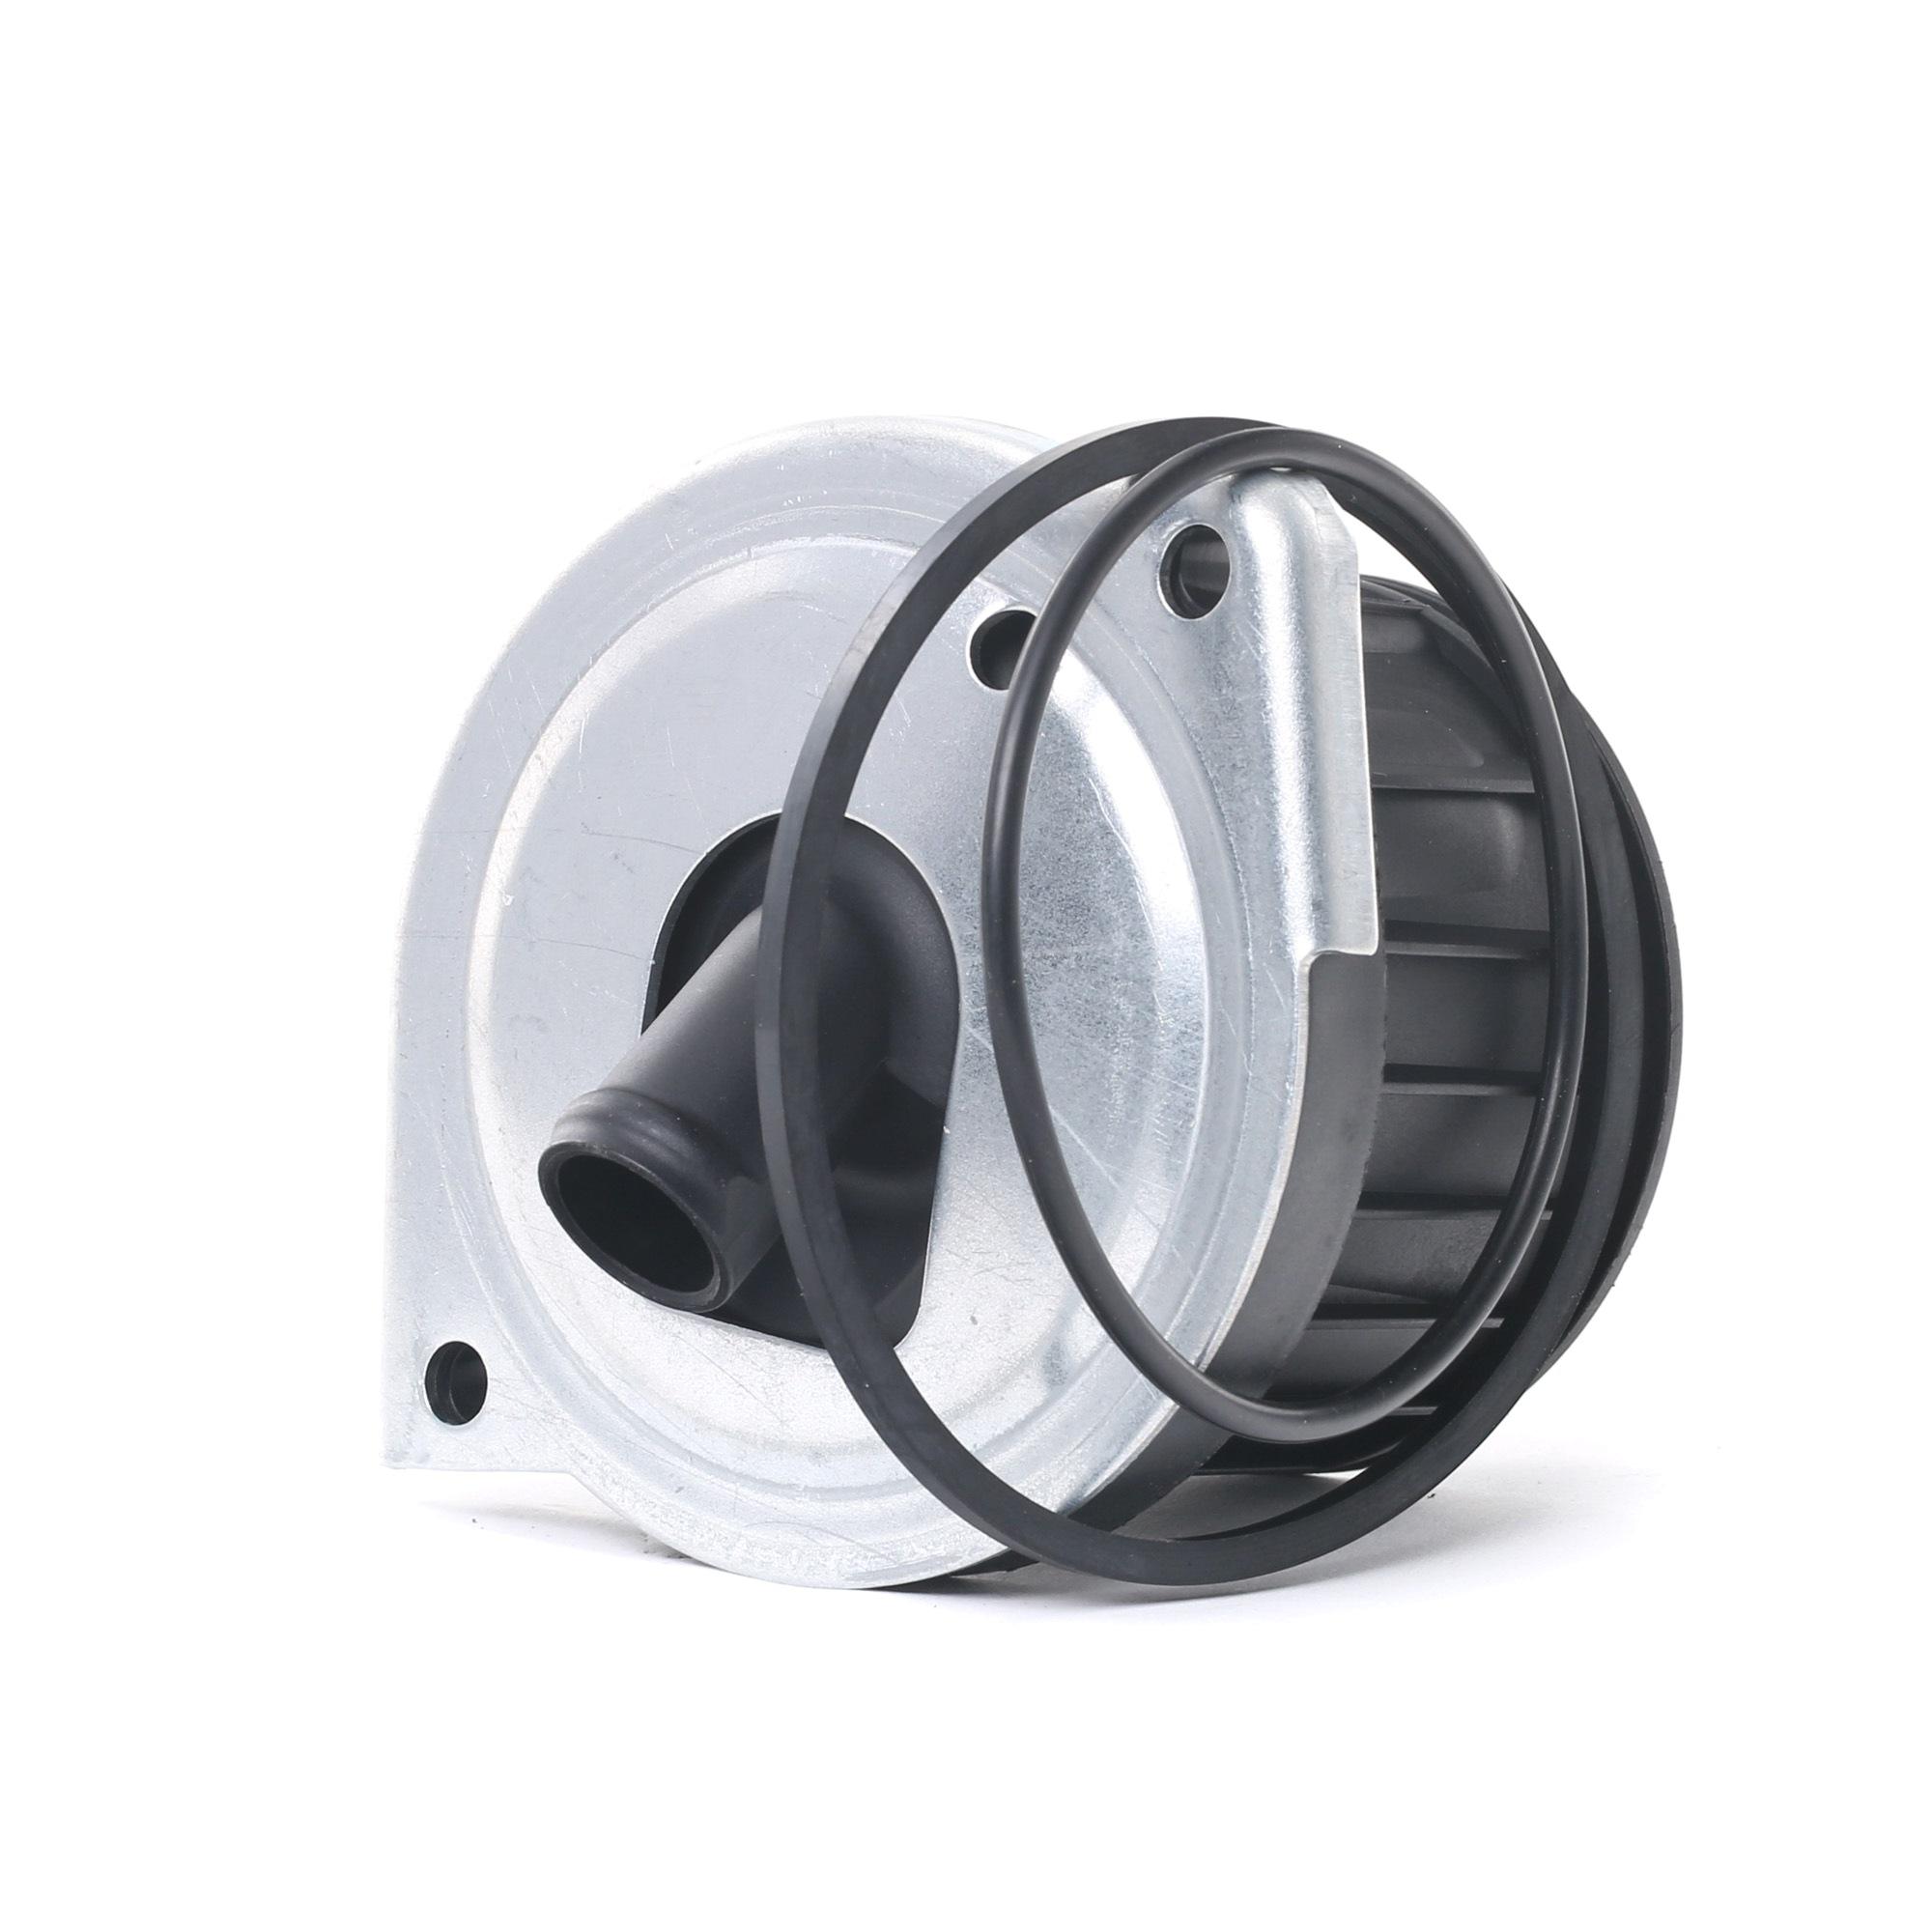 SKOTC-3380004 STARK mit Dichtungen, mit Schrauben Ölabscheider, Kurbelgehäuseentlüftung SKOTC-3380004 günstig kaufen